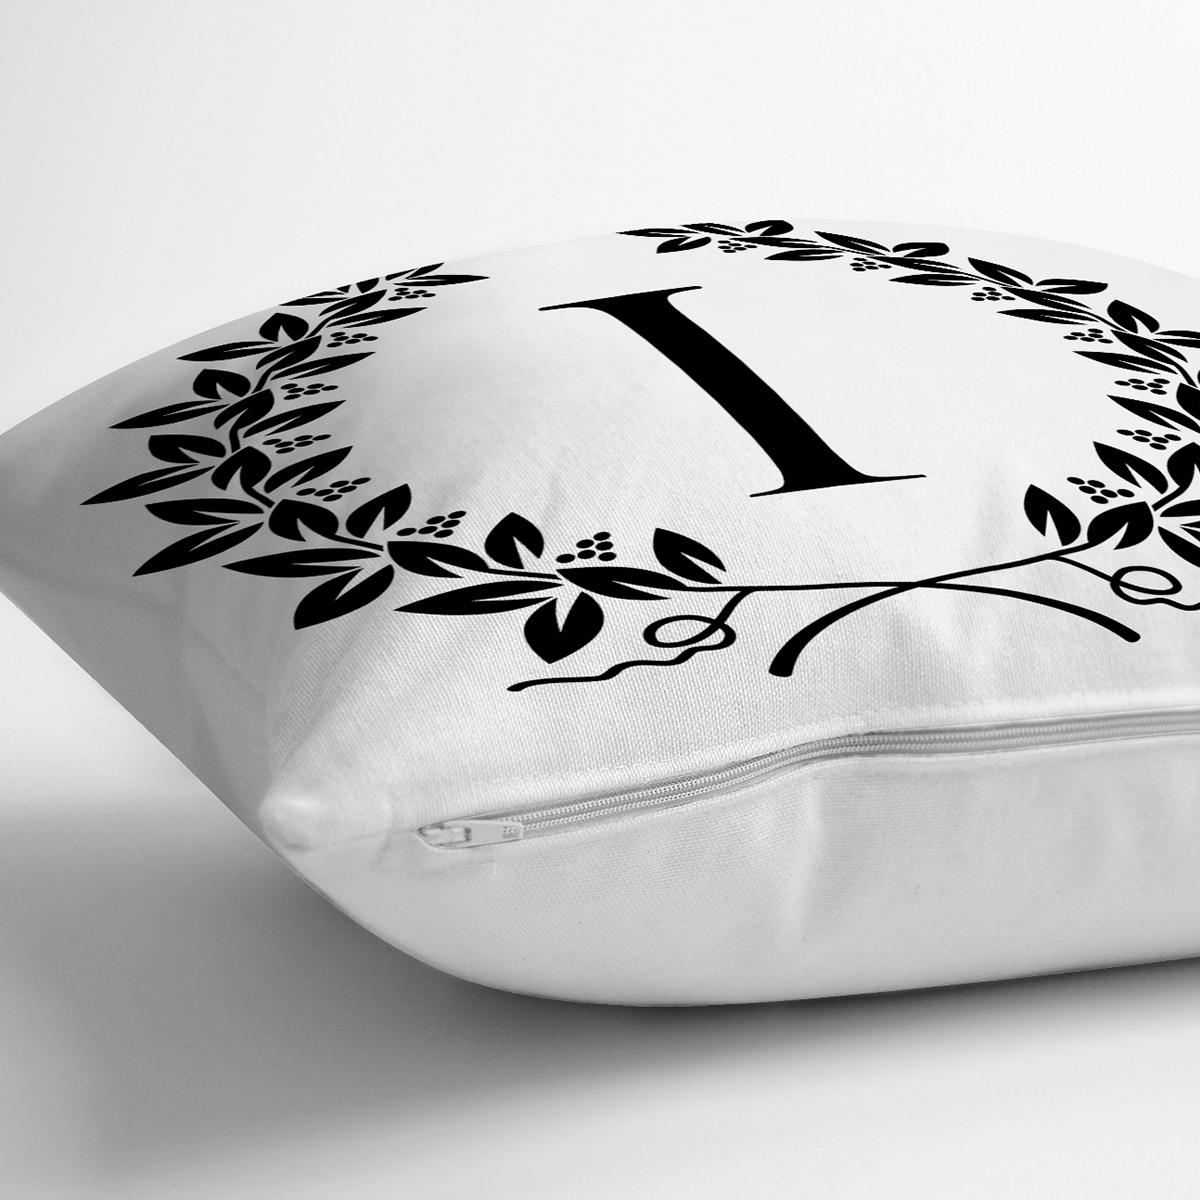 Siyah Beyaz Çelenkli I Harfi Özel Tasarım Dijital Baskılı Yastık Kırlent Kılıfı Realhomes